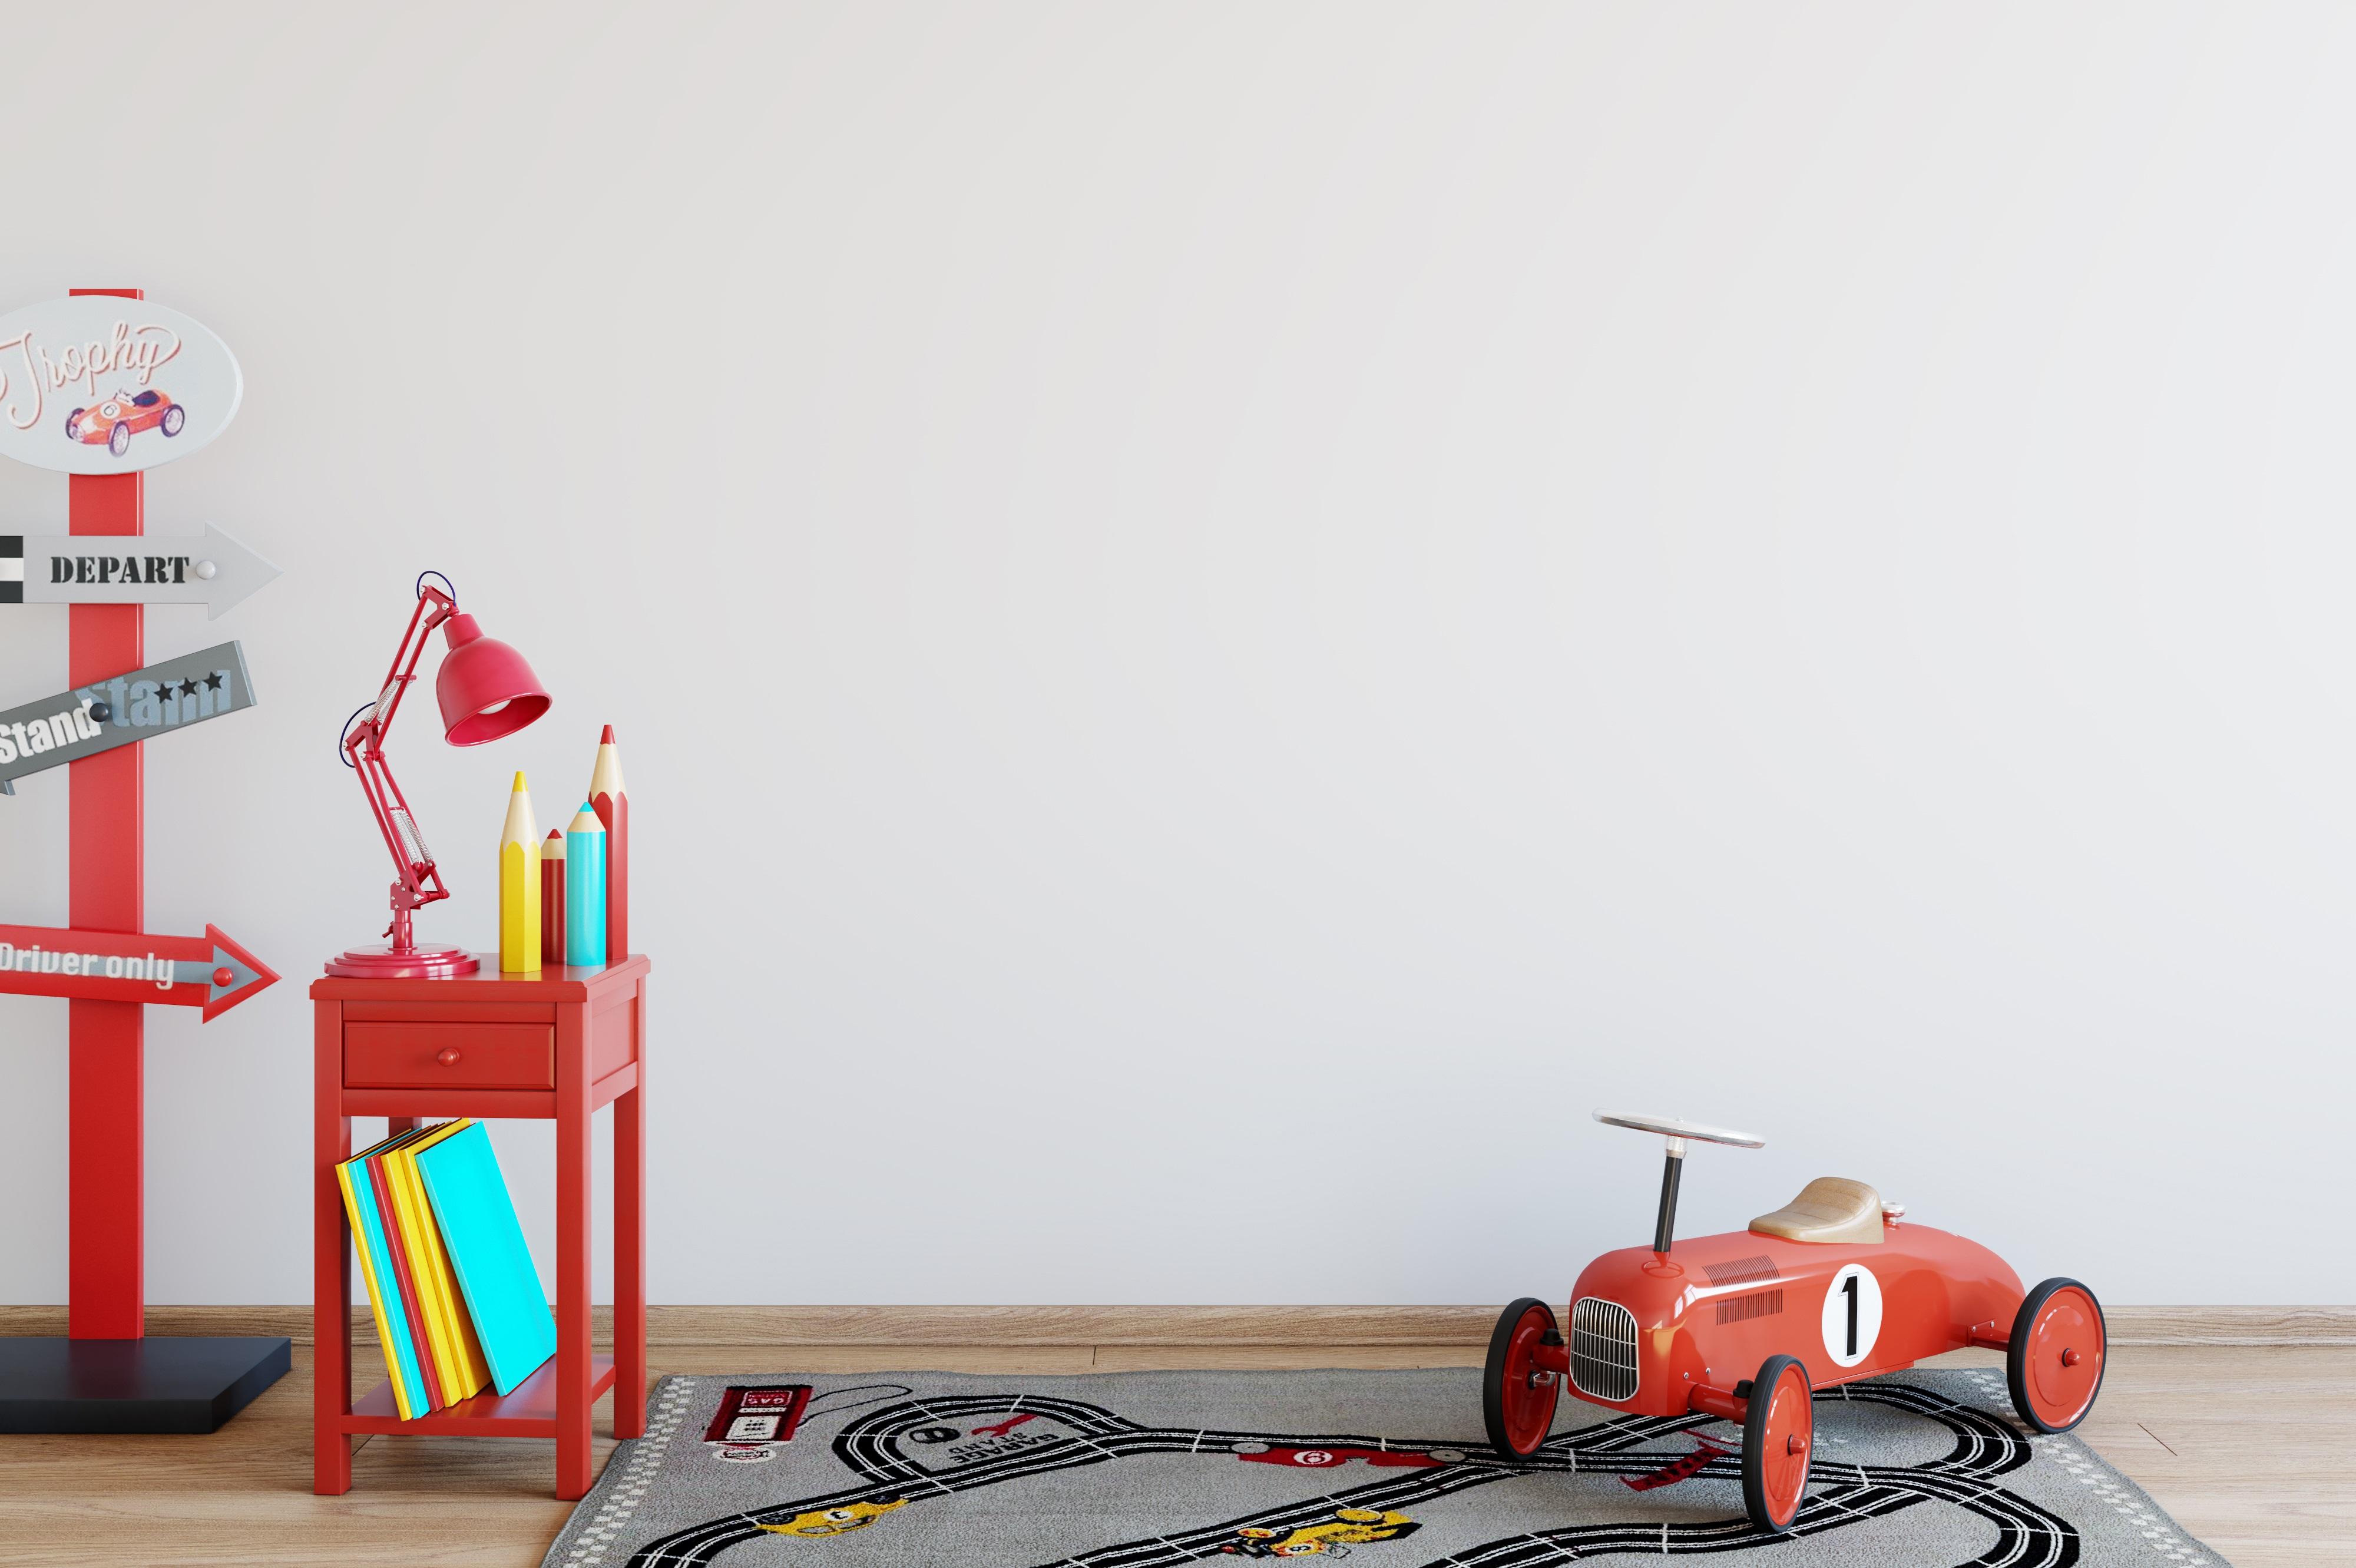 עיצוב ילדותי אינו בהכרח מצועצע – רב בריח